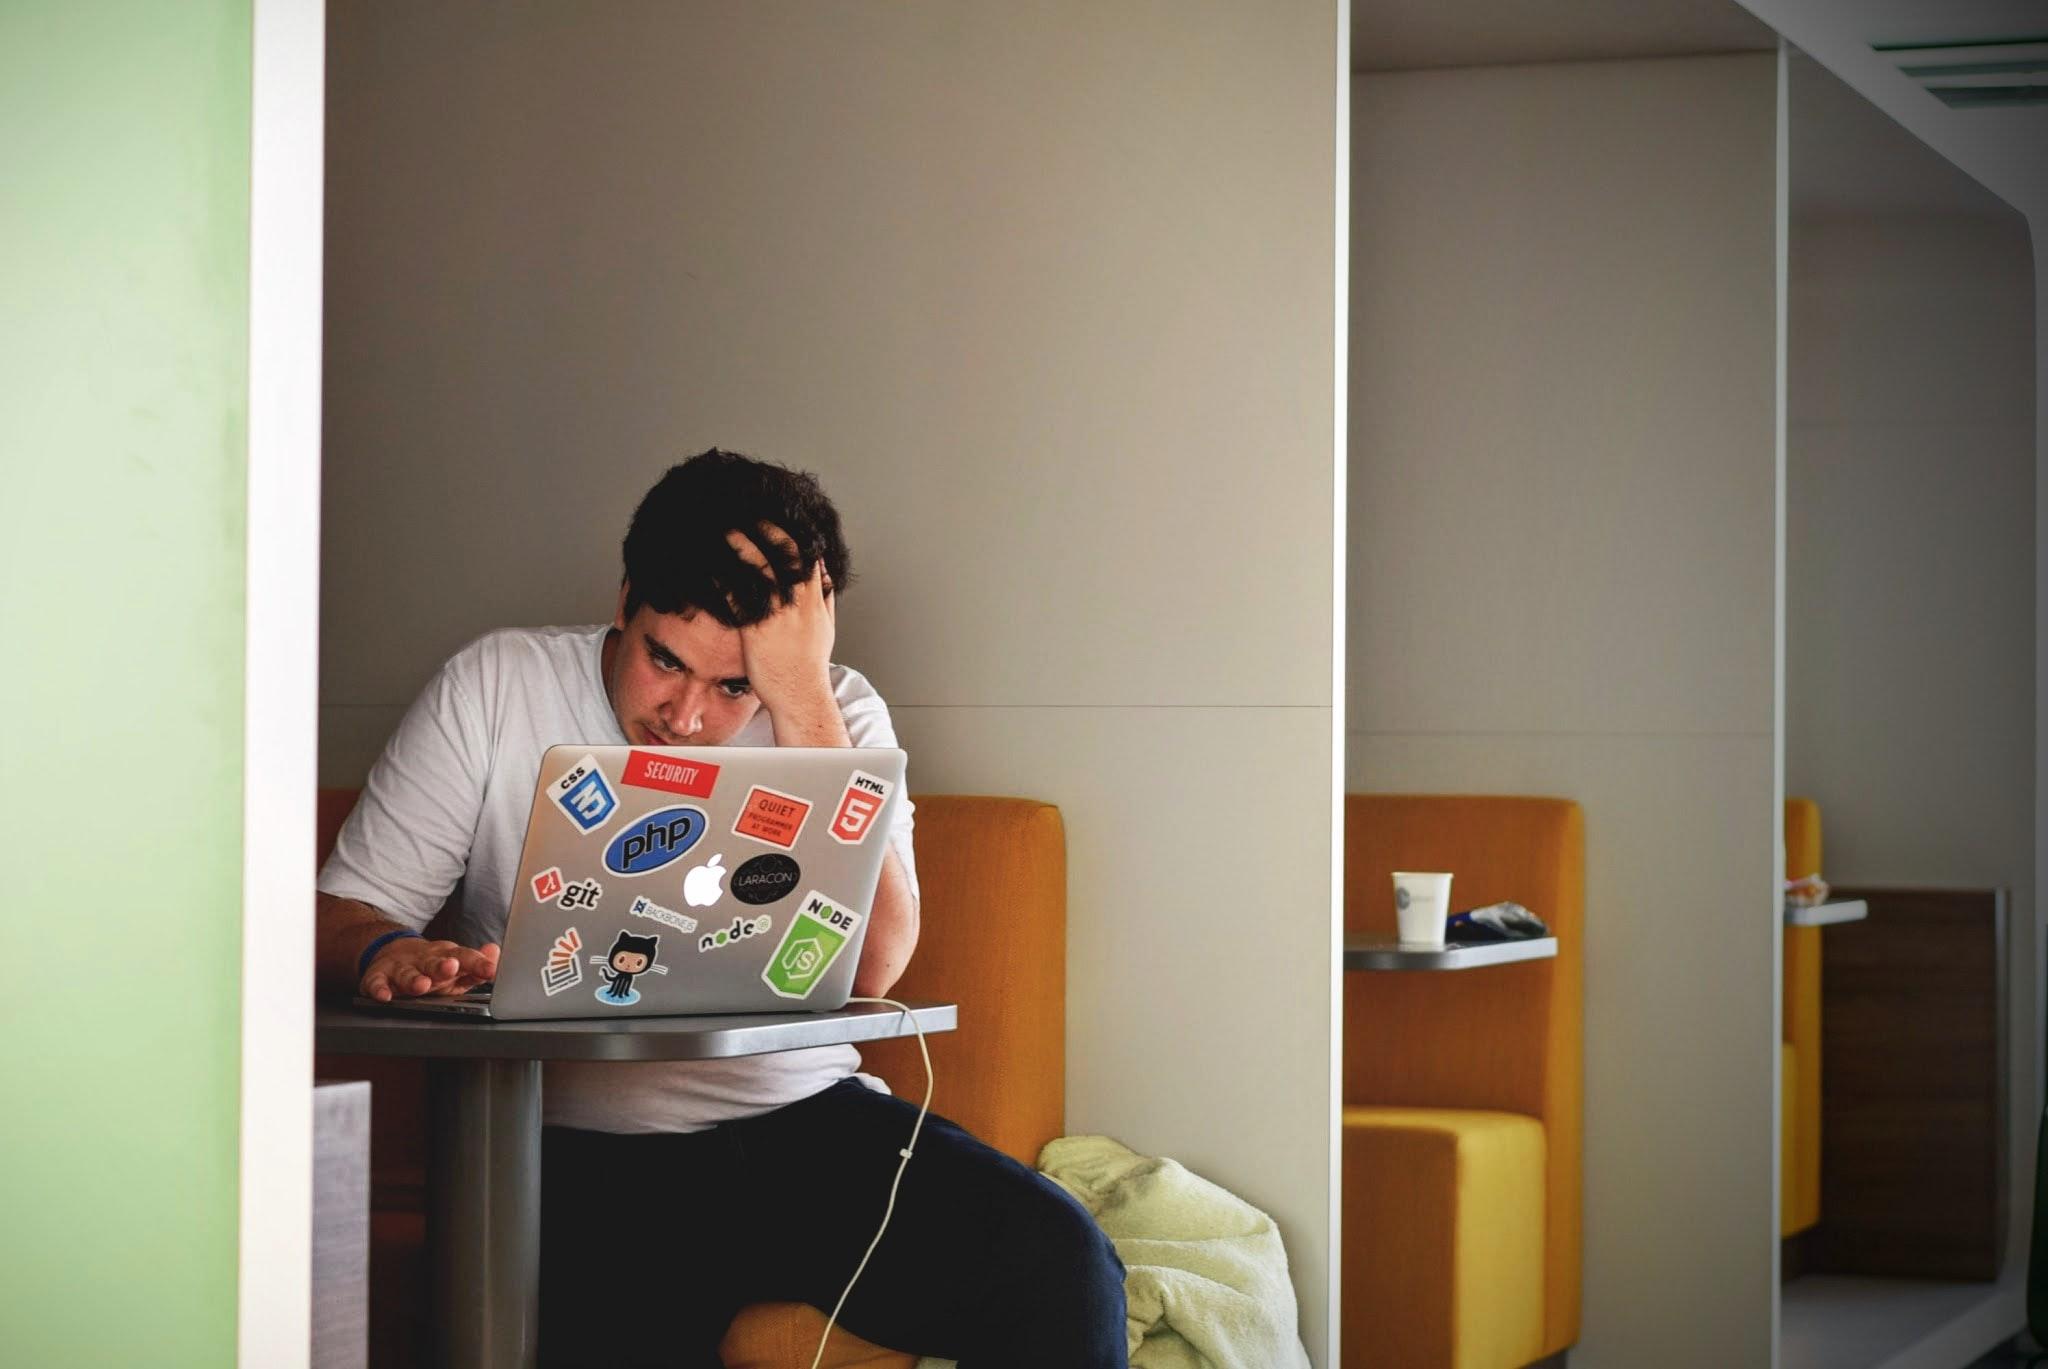 Common Worries When Starting University